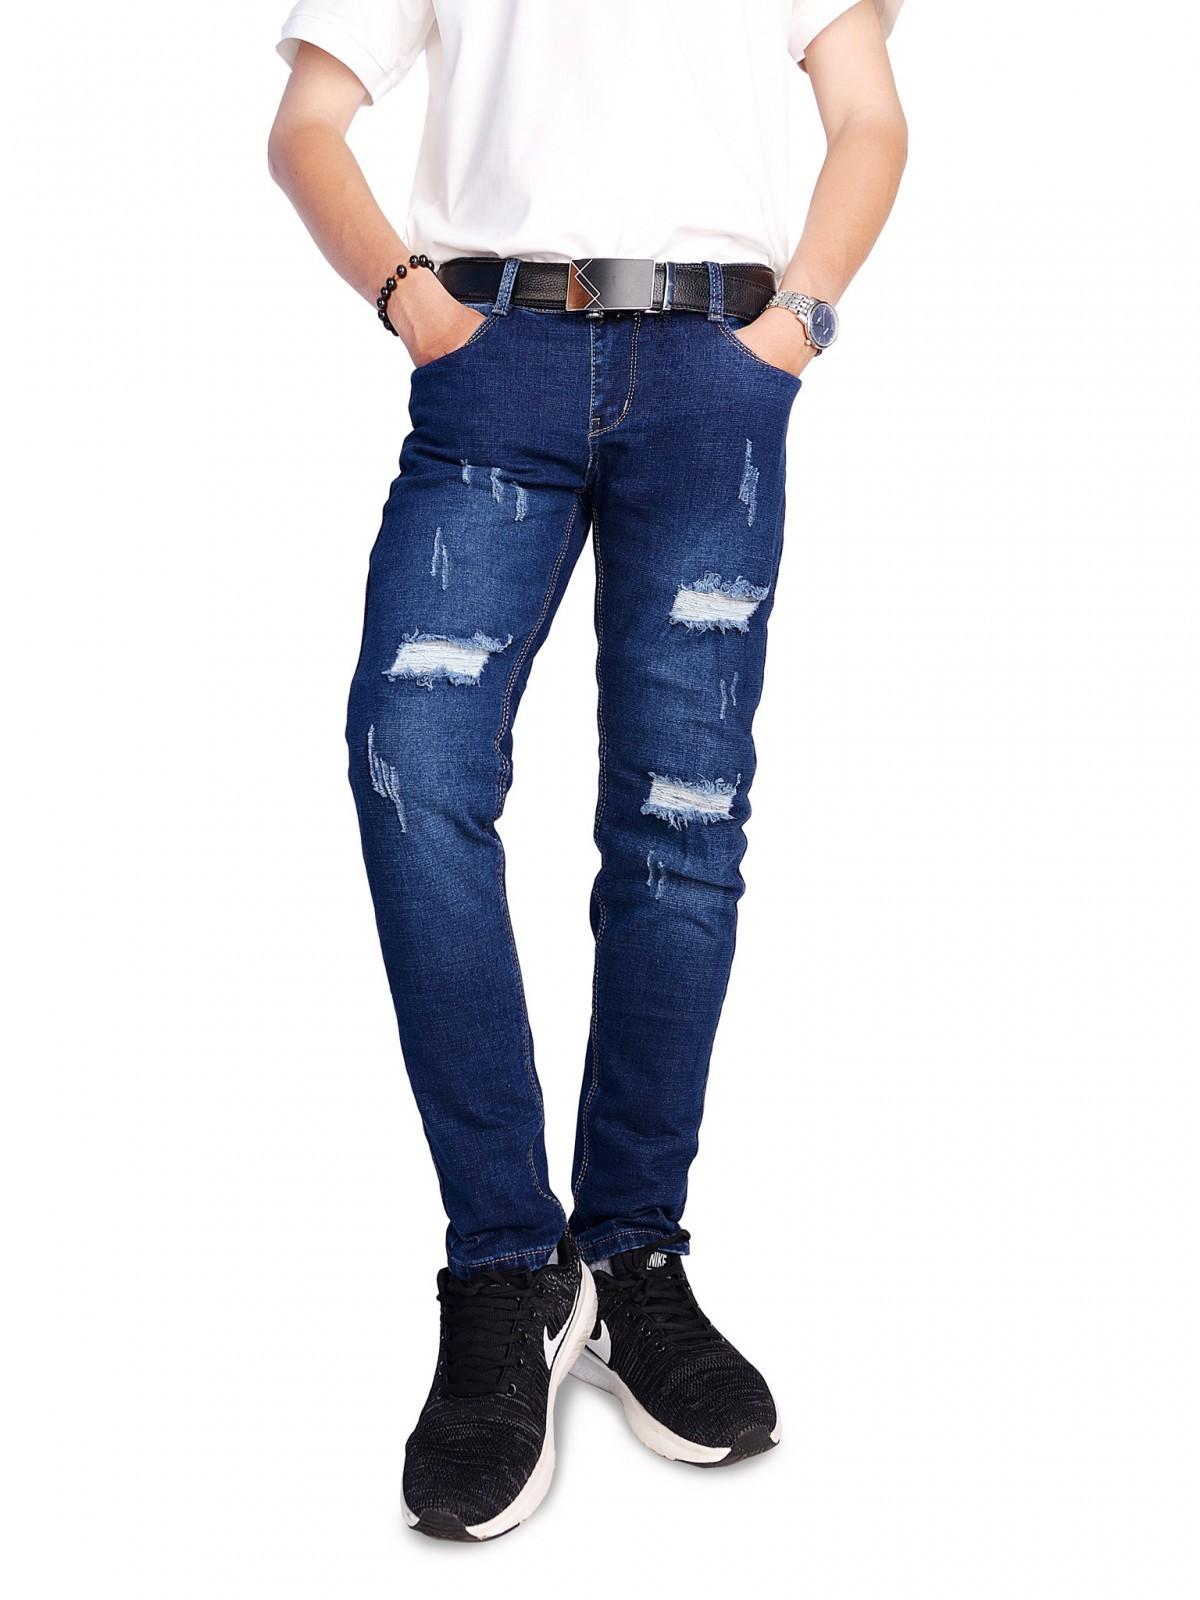 Những mẫu quần jean này rất ít khi kén người mặc, tạo phong cách năng động, trẻ trung